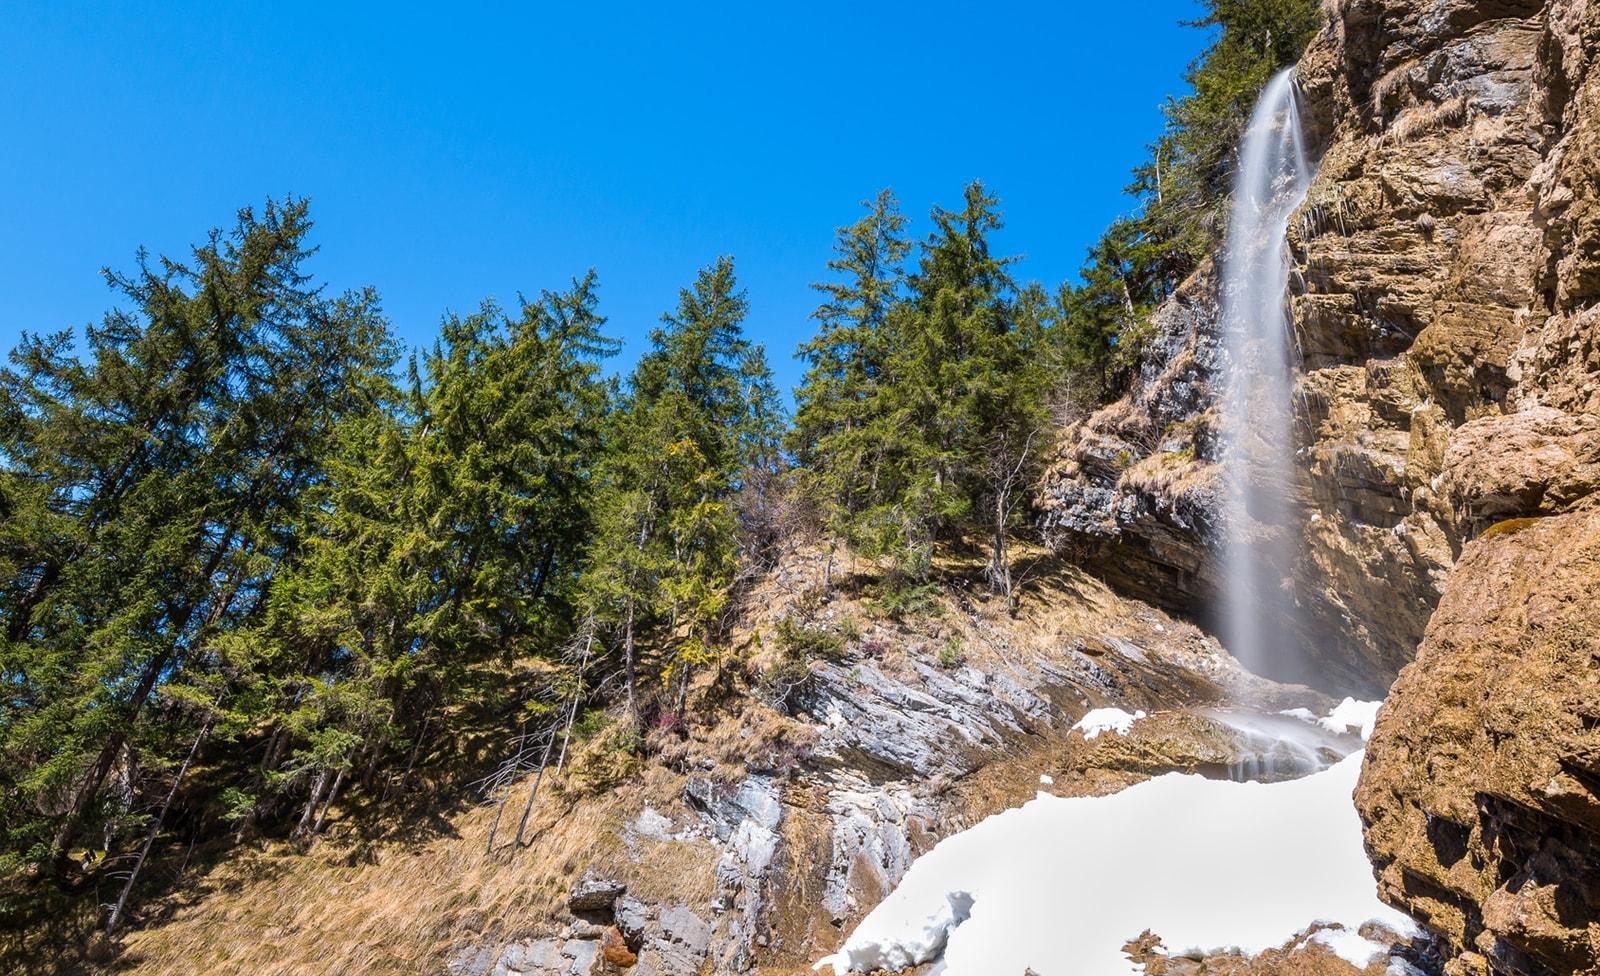 Wasserfall in Zipfelsbach